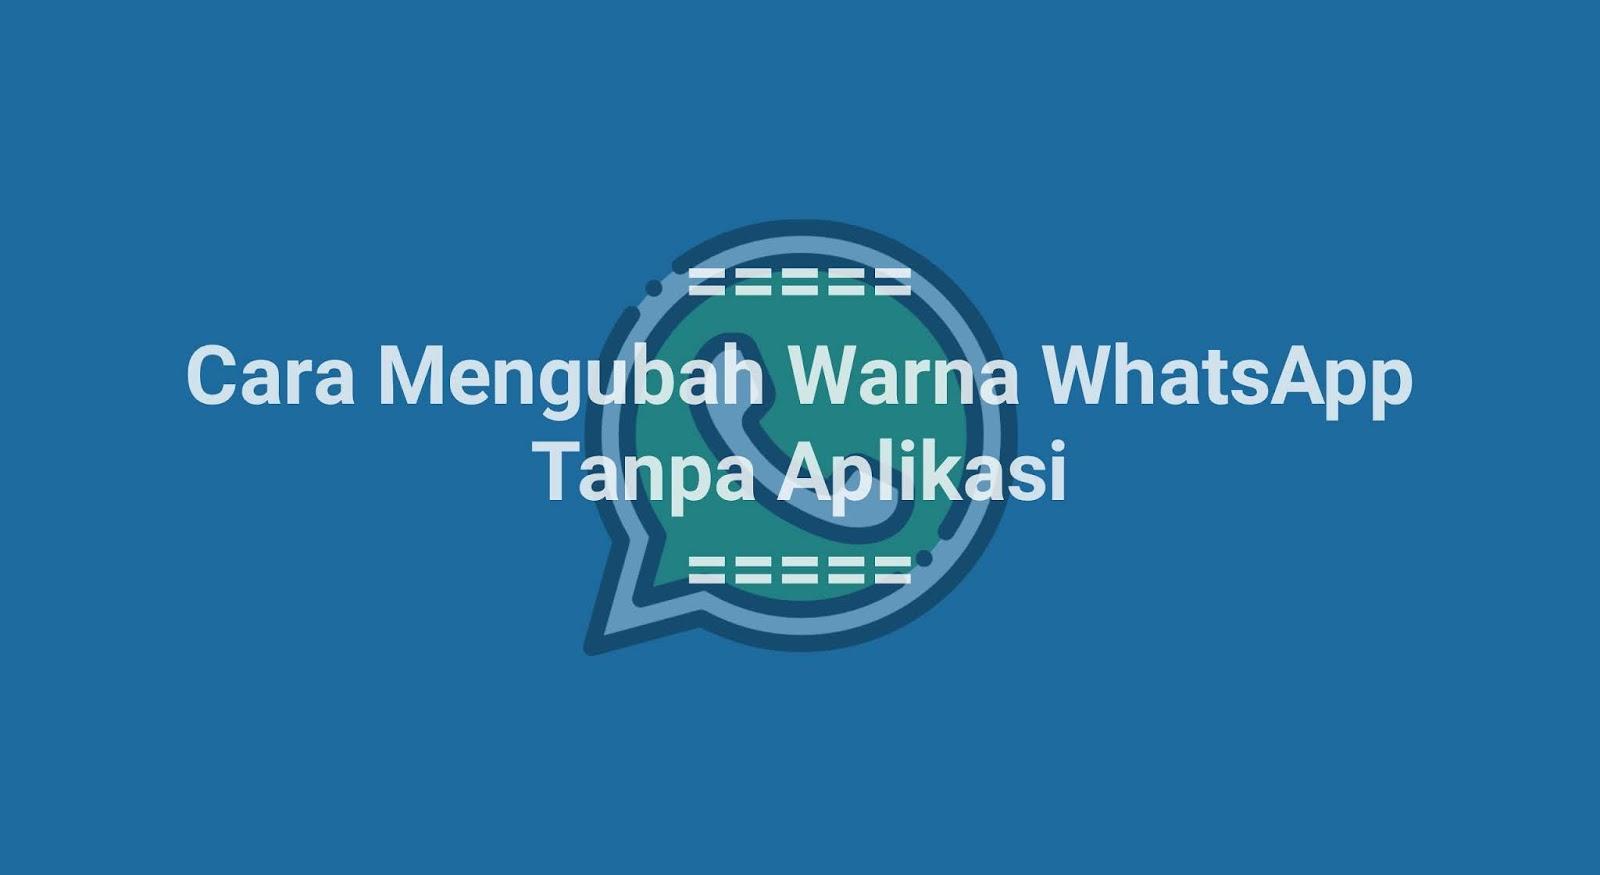 Cara Mengubah Warna WhatsApp Tanpa Aplikasi